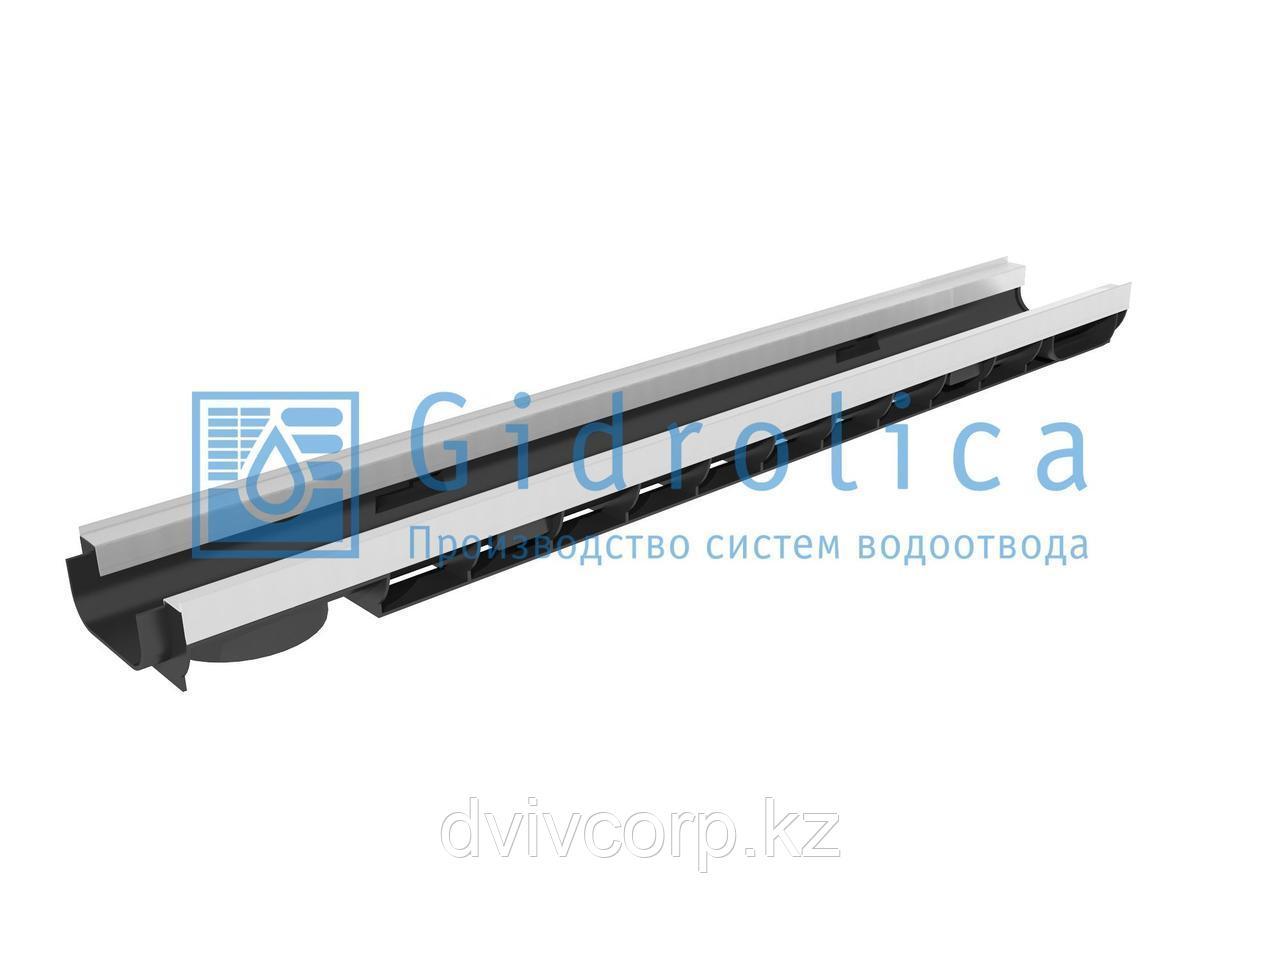 Арт. 8054 Лоток водоотводный Gidrolica Standart Plus ЛВ-10.14,5.06 - пластиковый (усиленный)